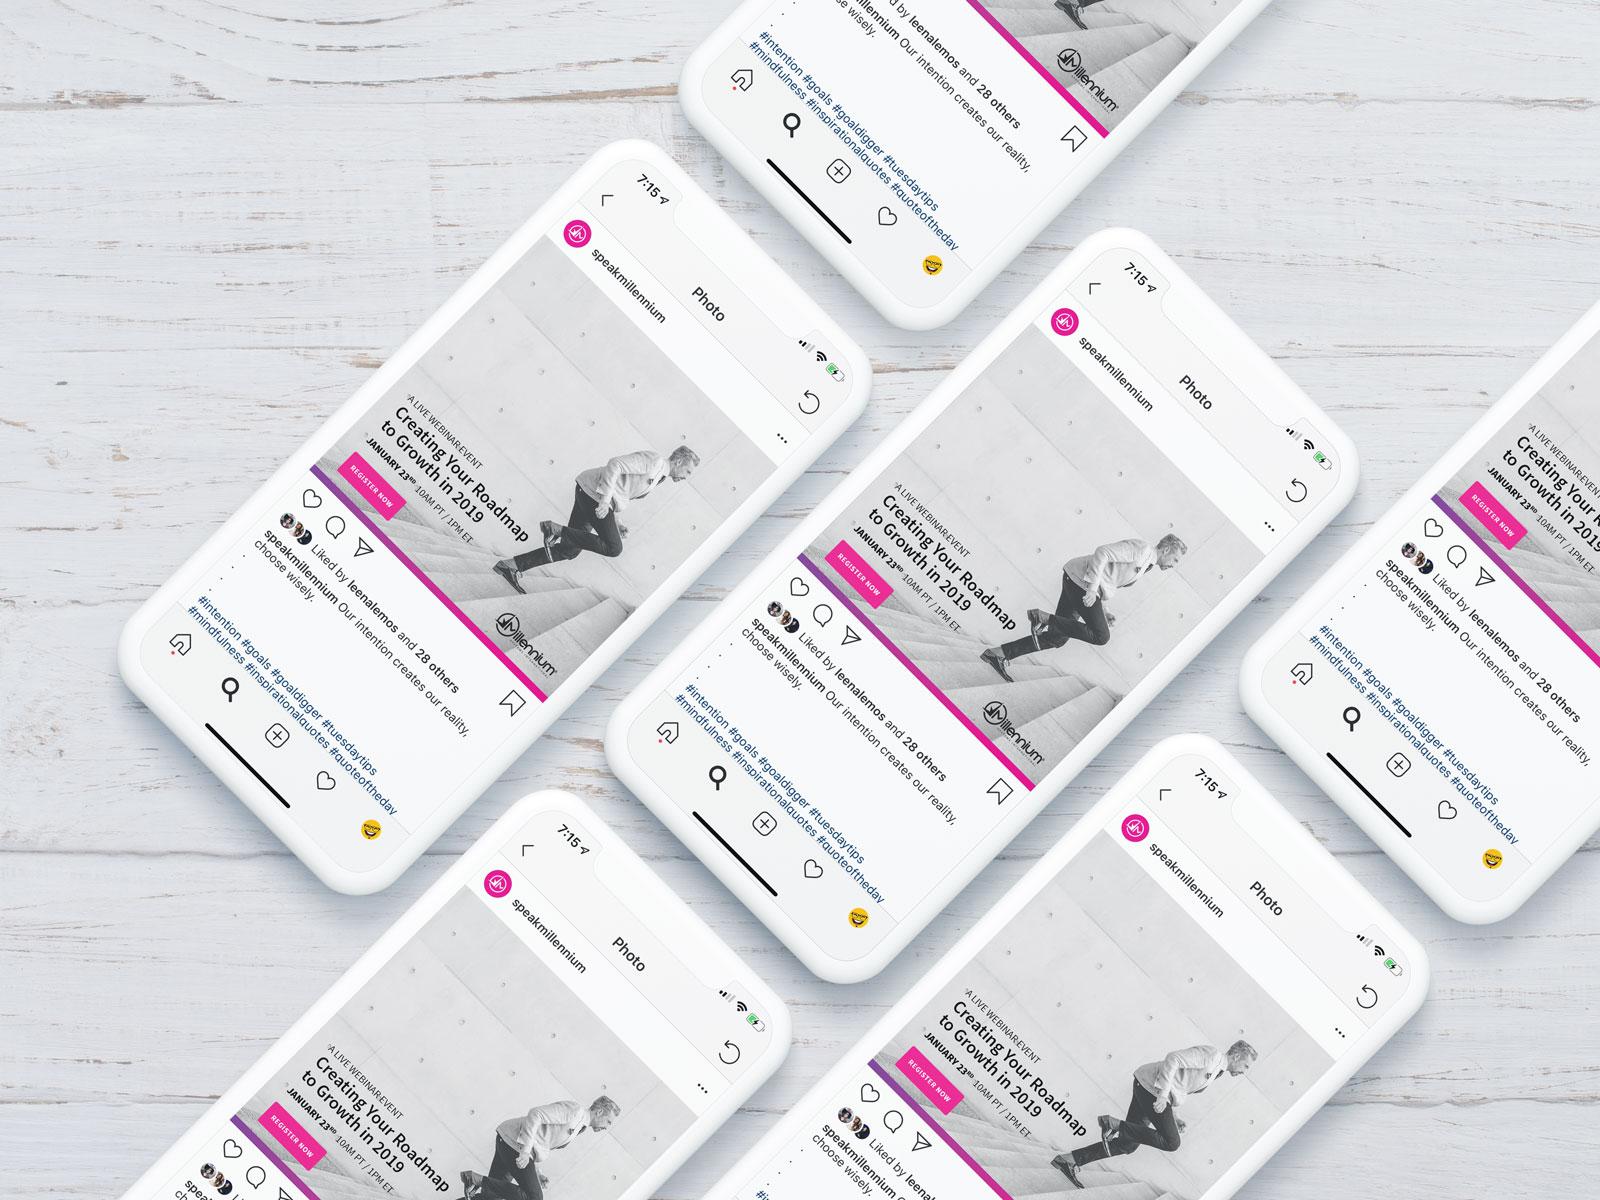 LM-MSI-Refresh-phones.jpg